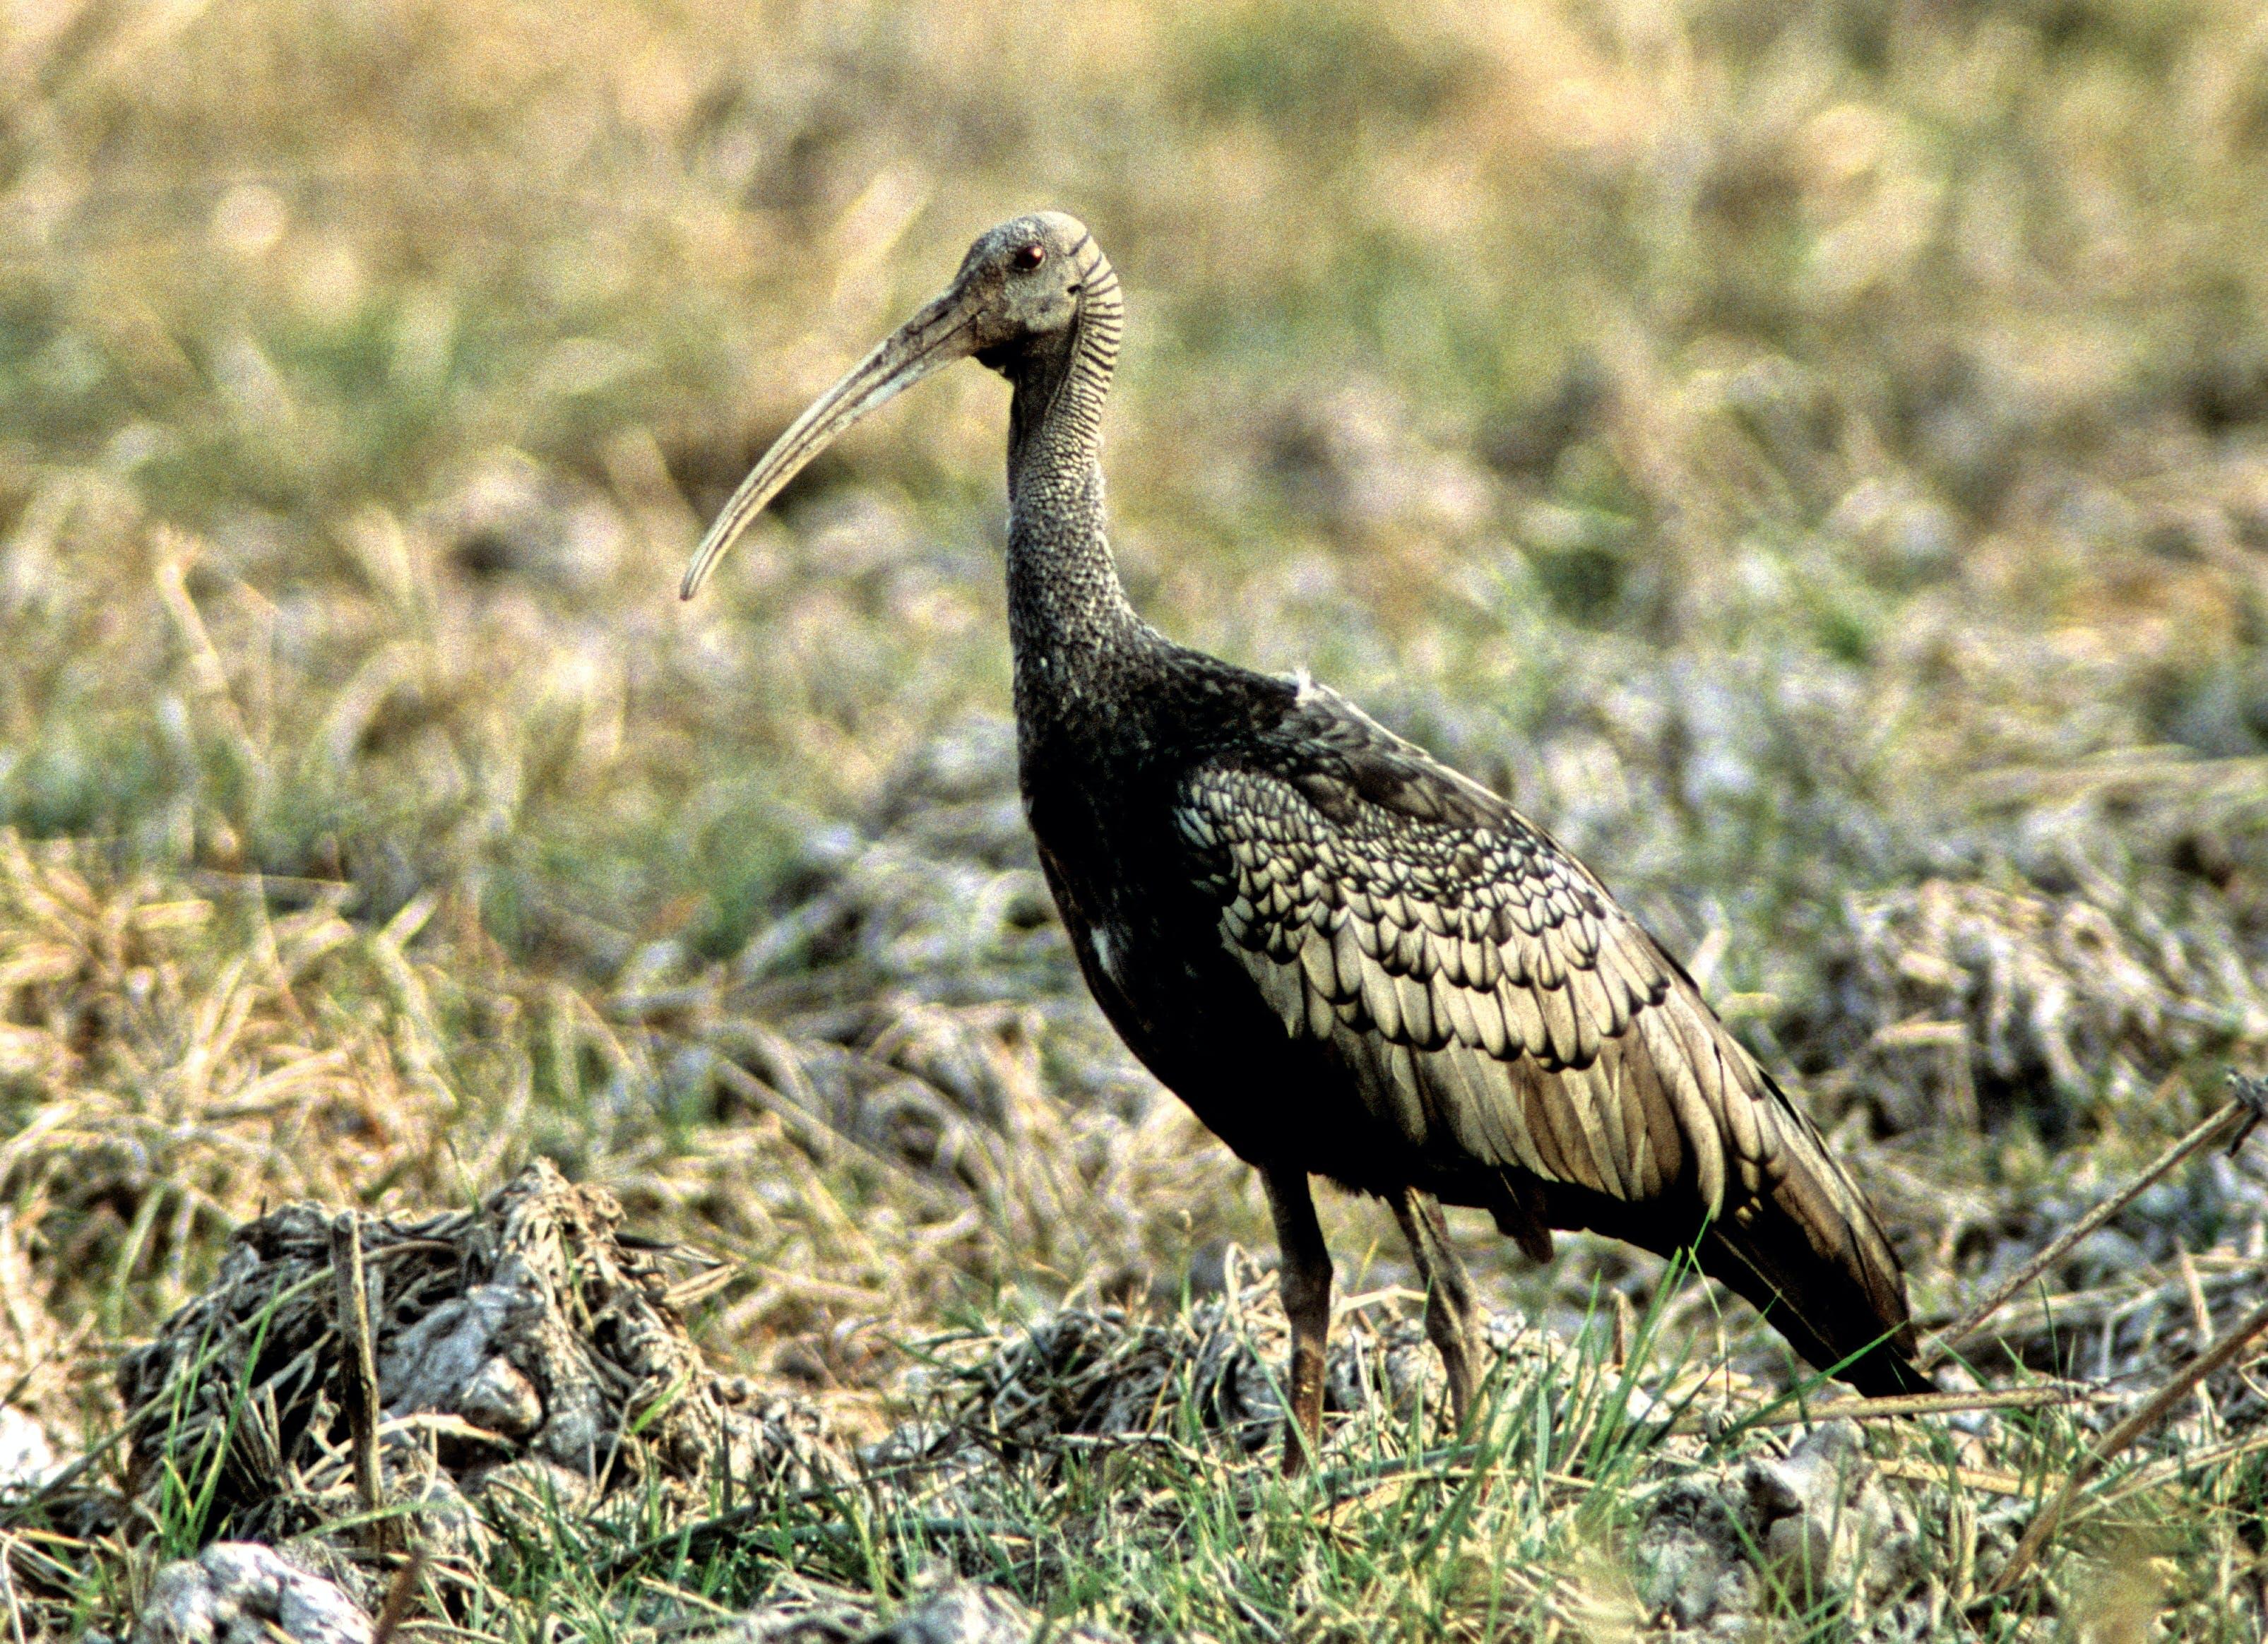 Giant ibis, truede fugl, natur